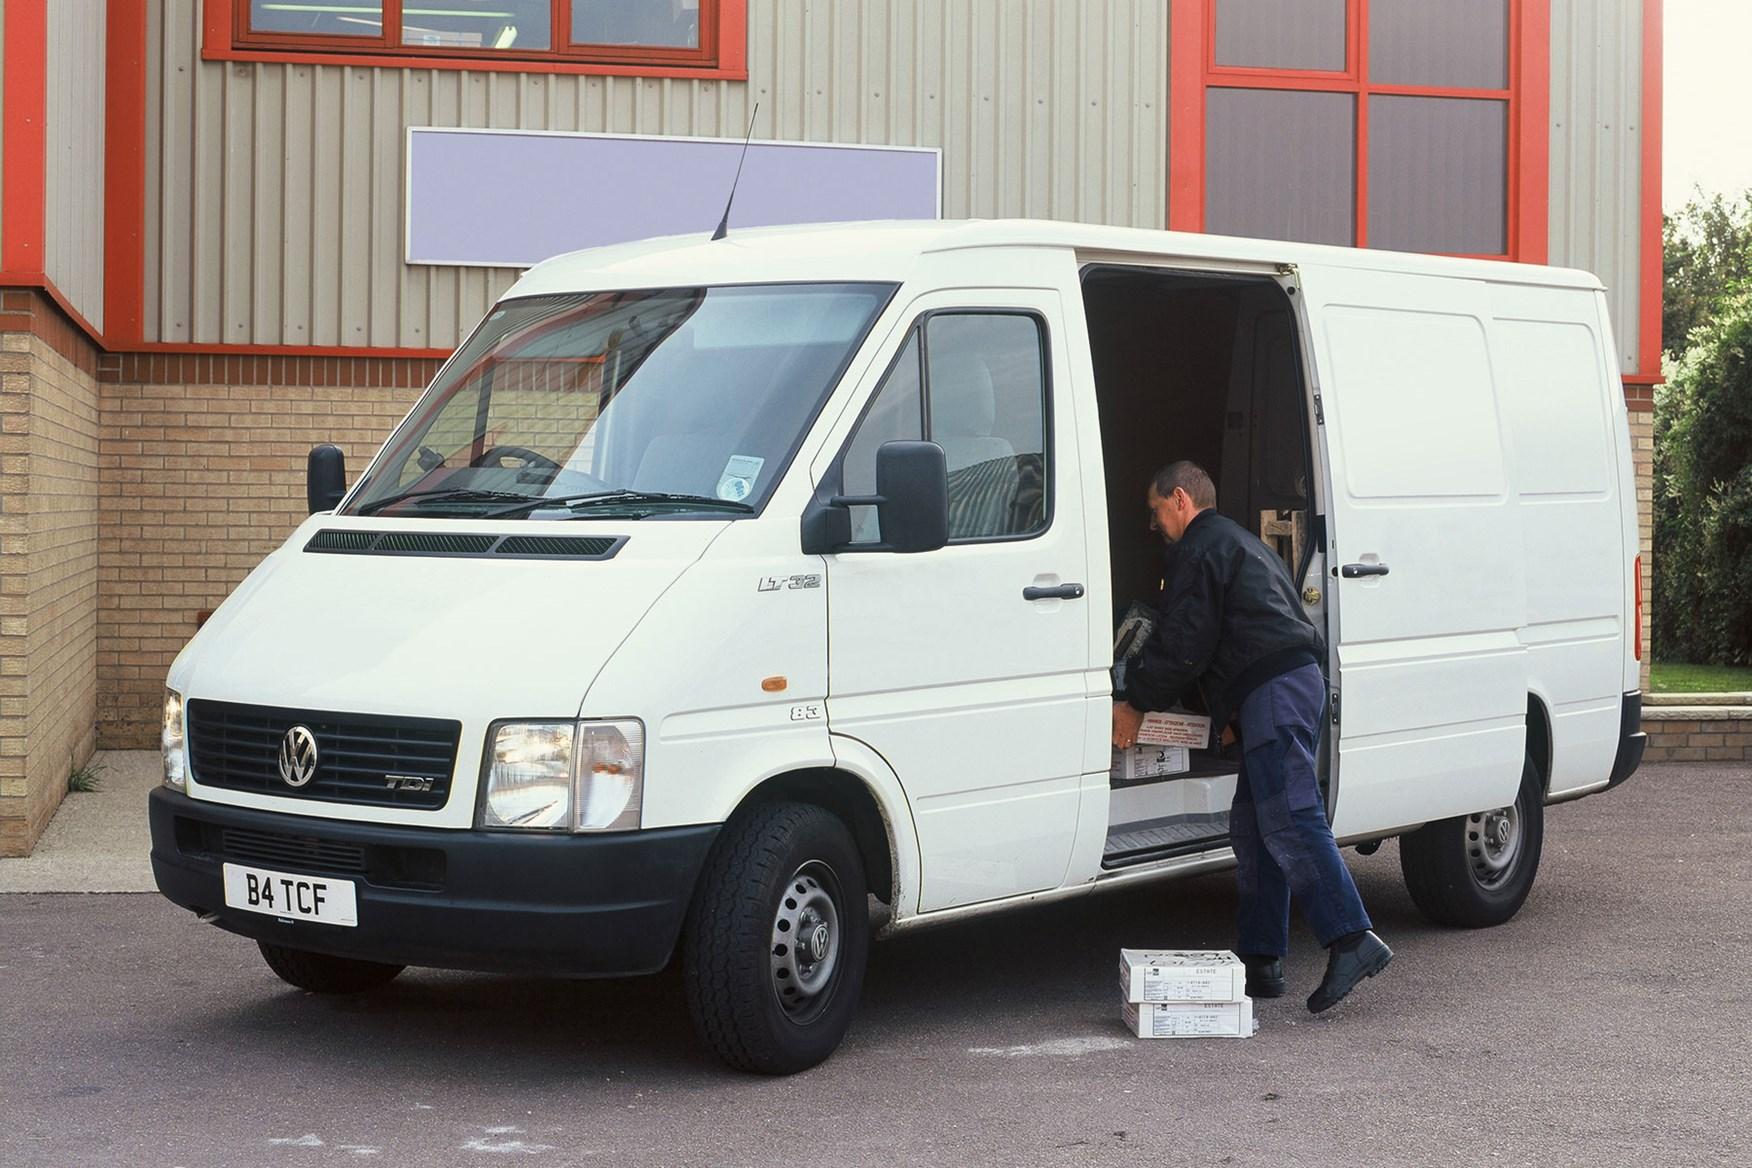 Volkswagen Lt Van Dimensions 1996 2006 Capacity Payload Volume Lt35 Wiring Diagram Vw Load